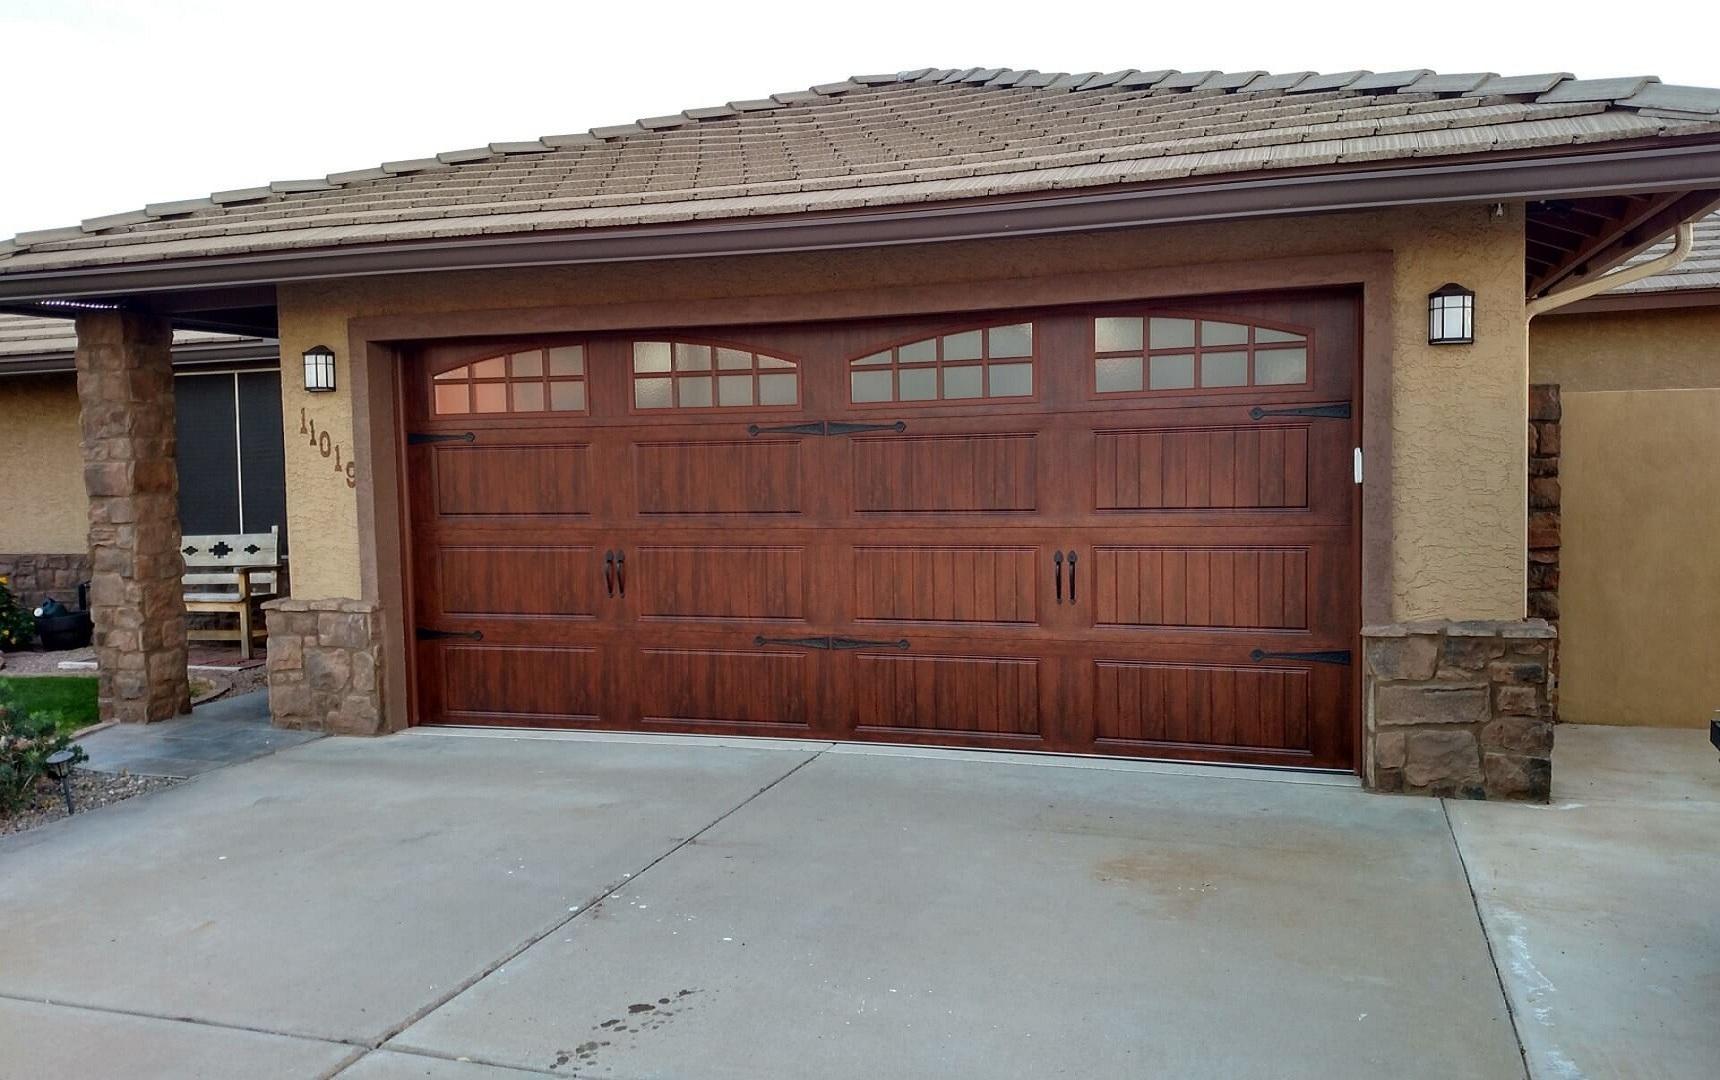 How Do I Find the Best Garage Door Repair Company in California?